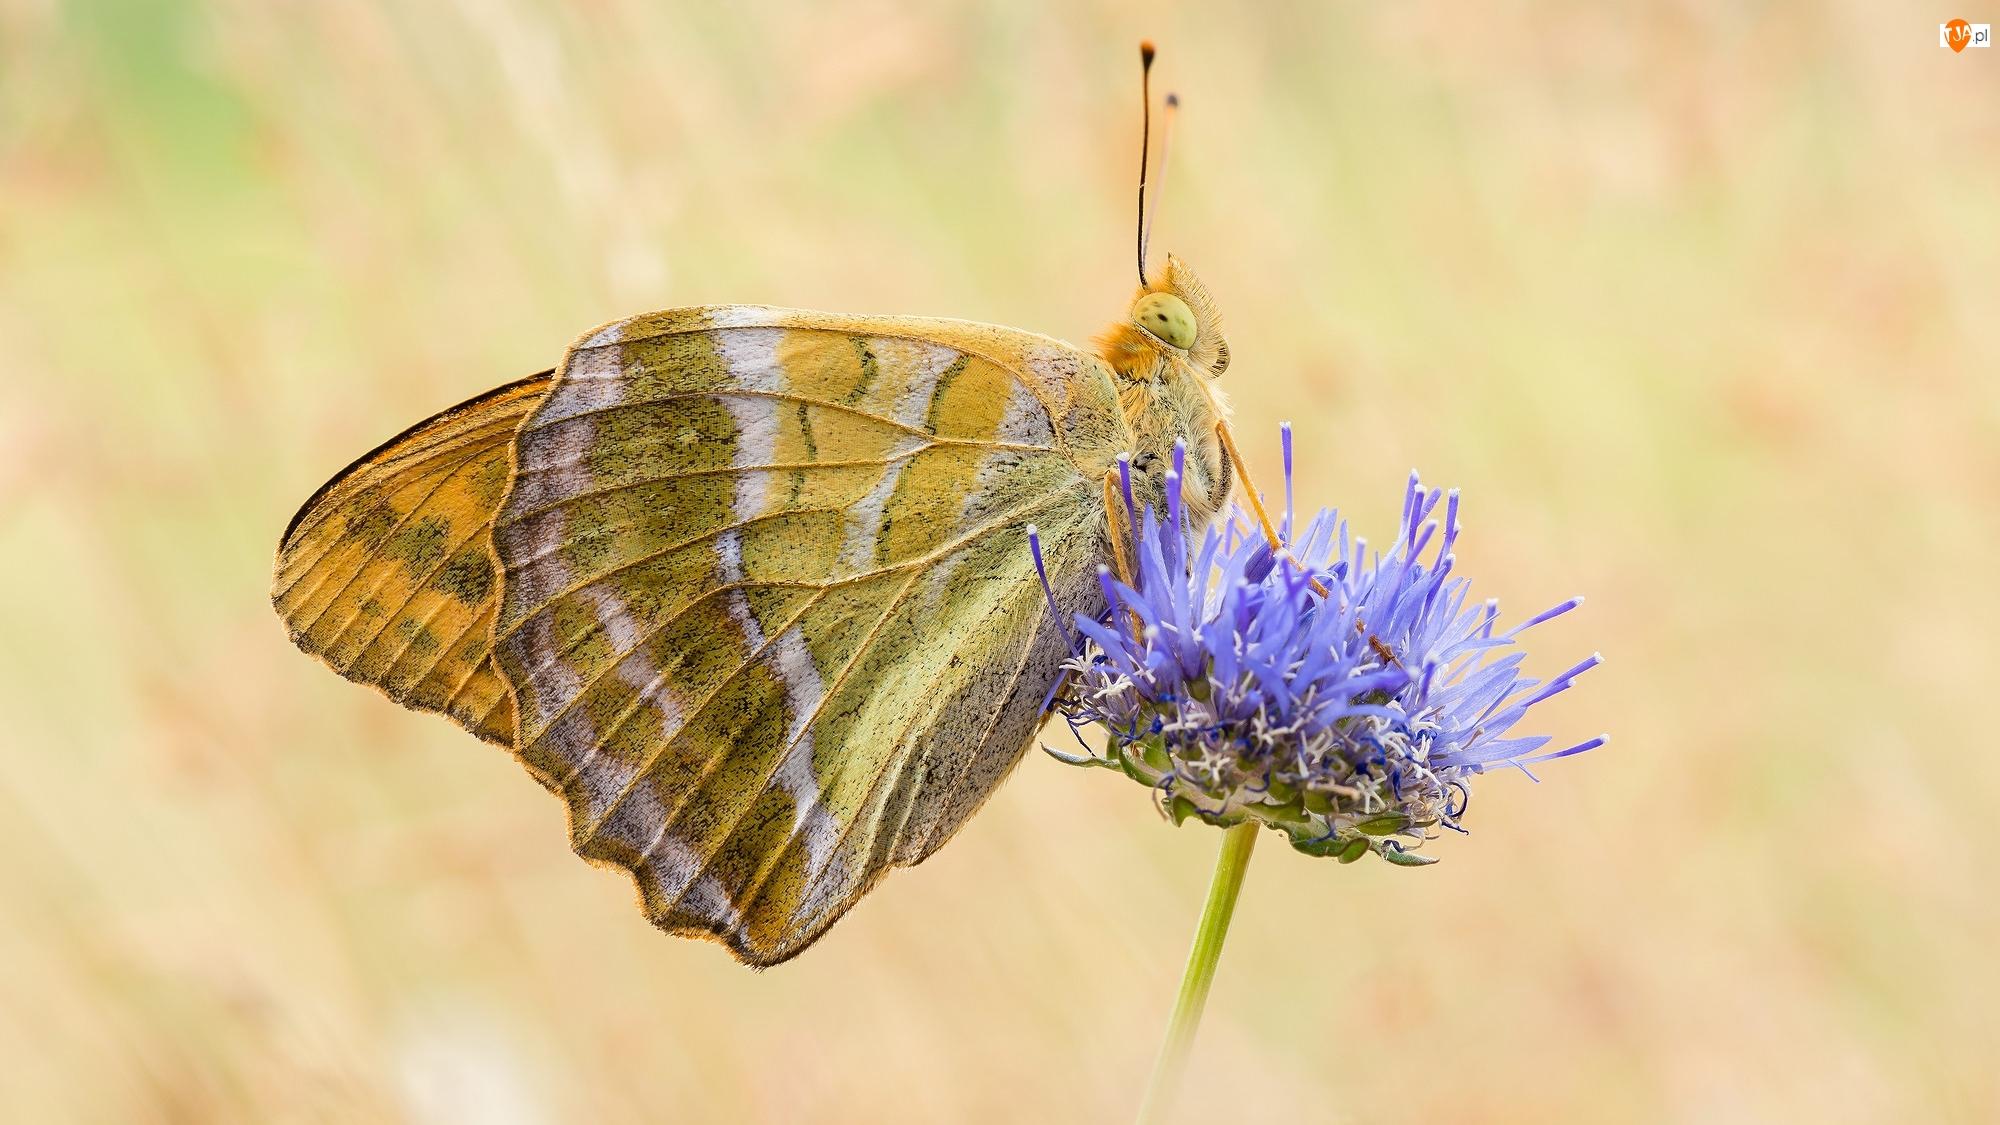 Dostojka malinowiec, Niebieski, Samiec, Motyl, Kwiat